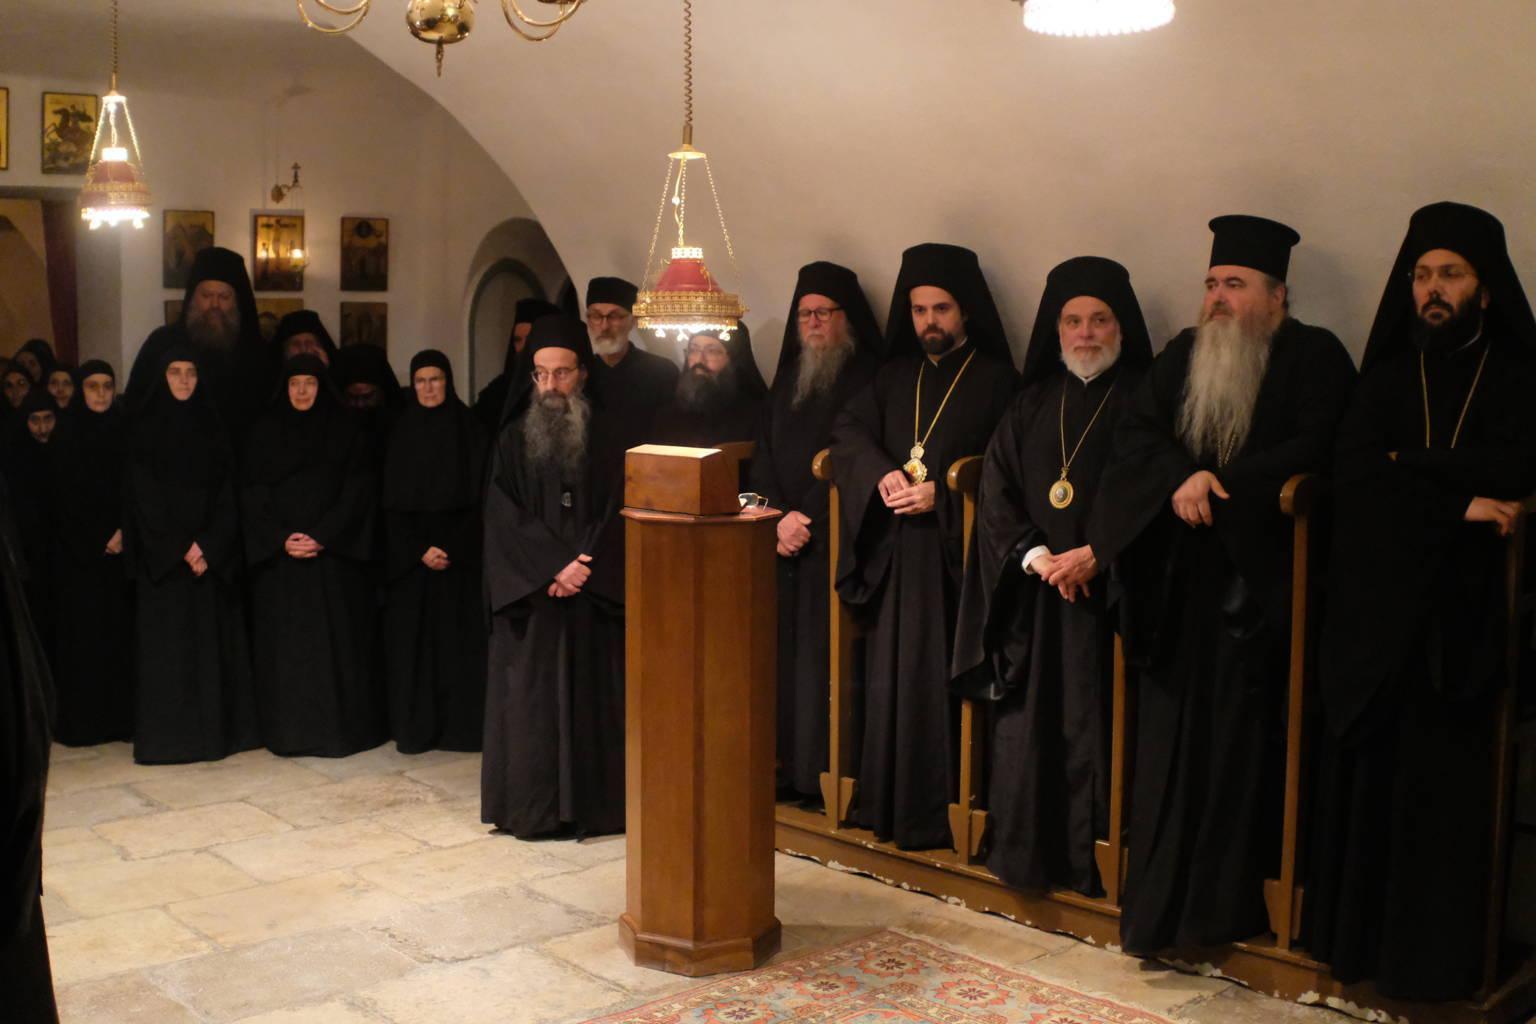 12 10 2019 58 - Λαμπρά εγκαίνια του Καθολικού της Ι. Μονής Αγίας Σκέπης Σολάν